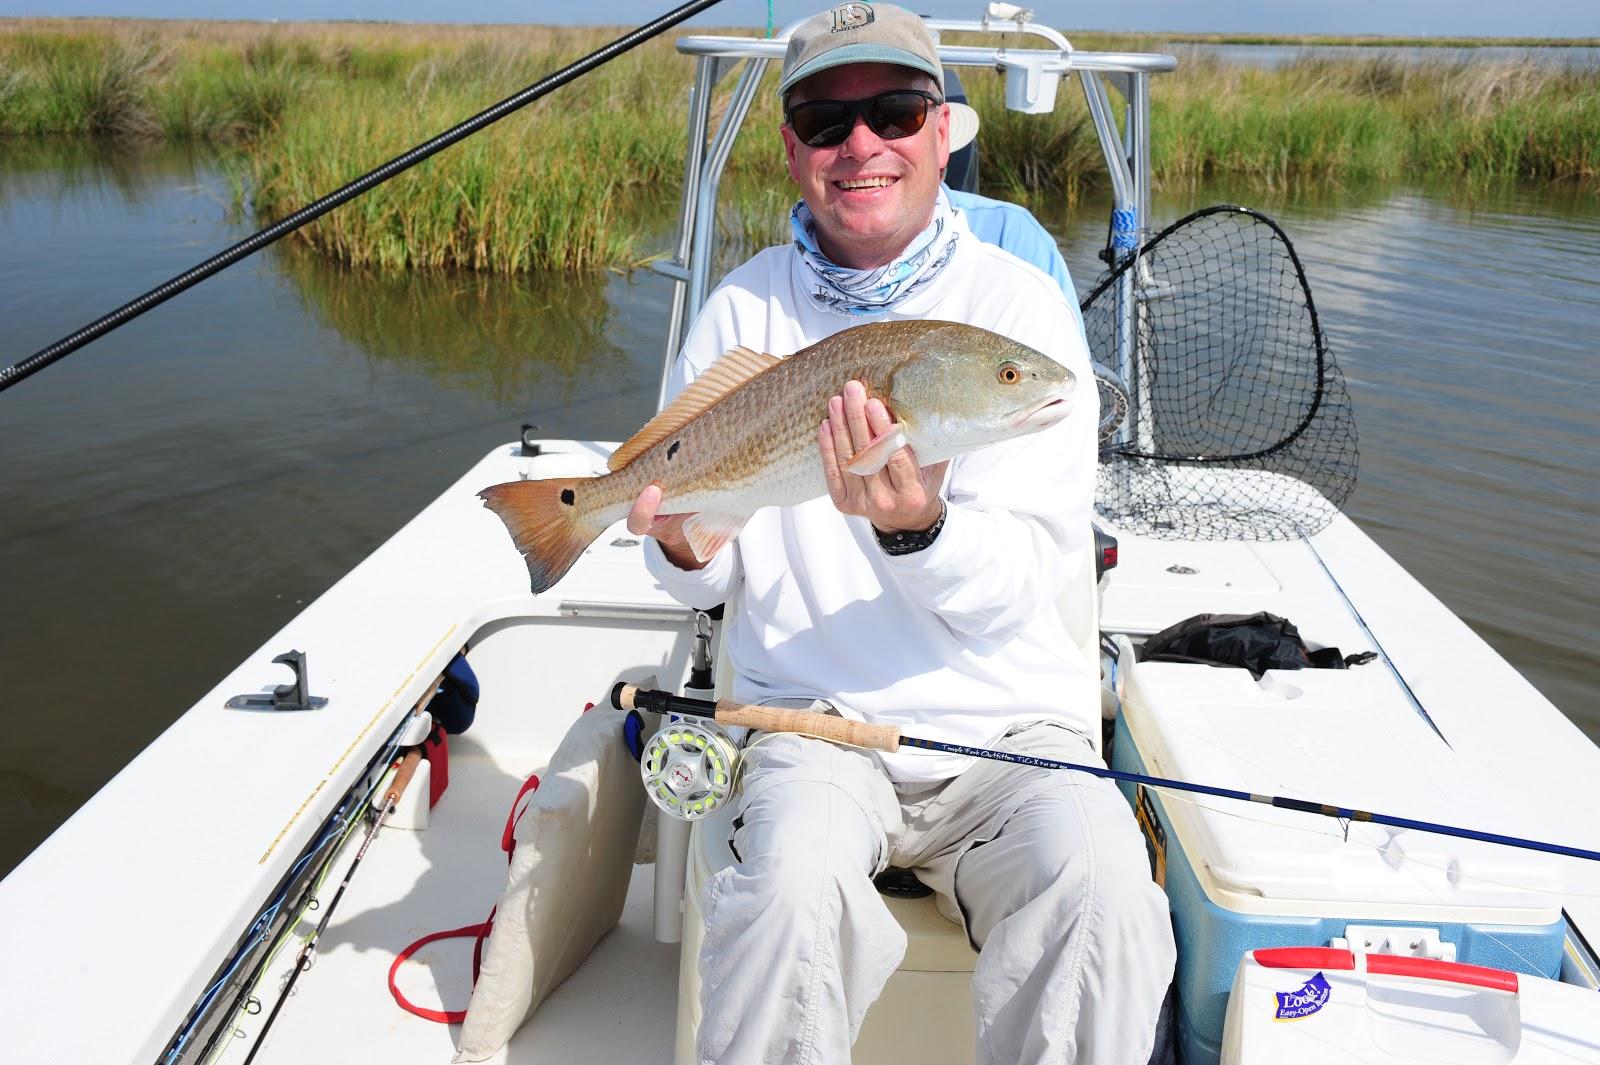 Fishon the fly louisiana redfish for Buy louisiana fishing license online